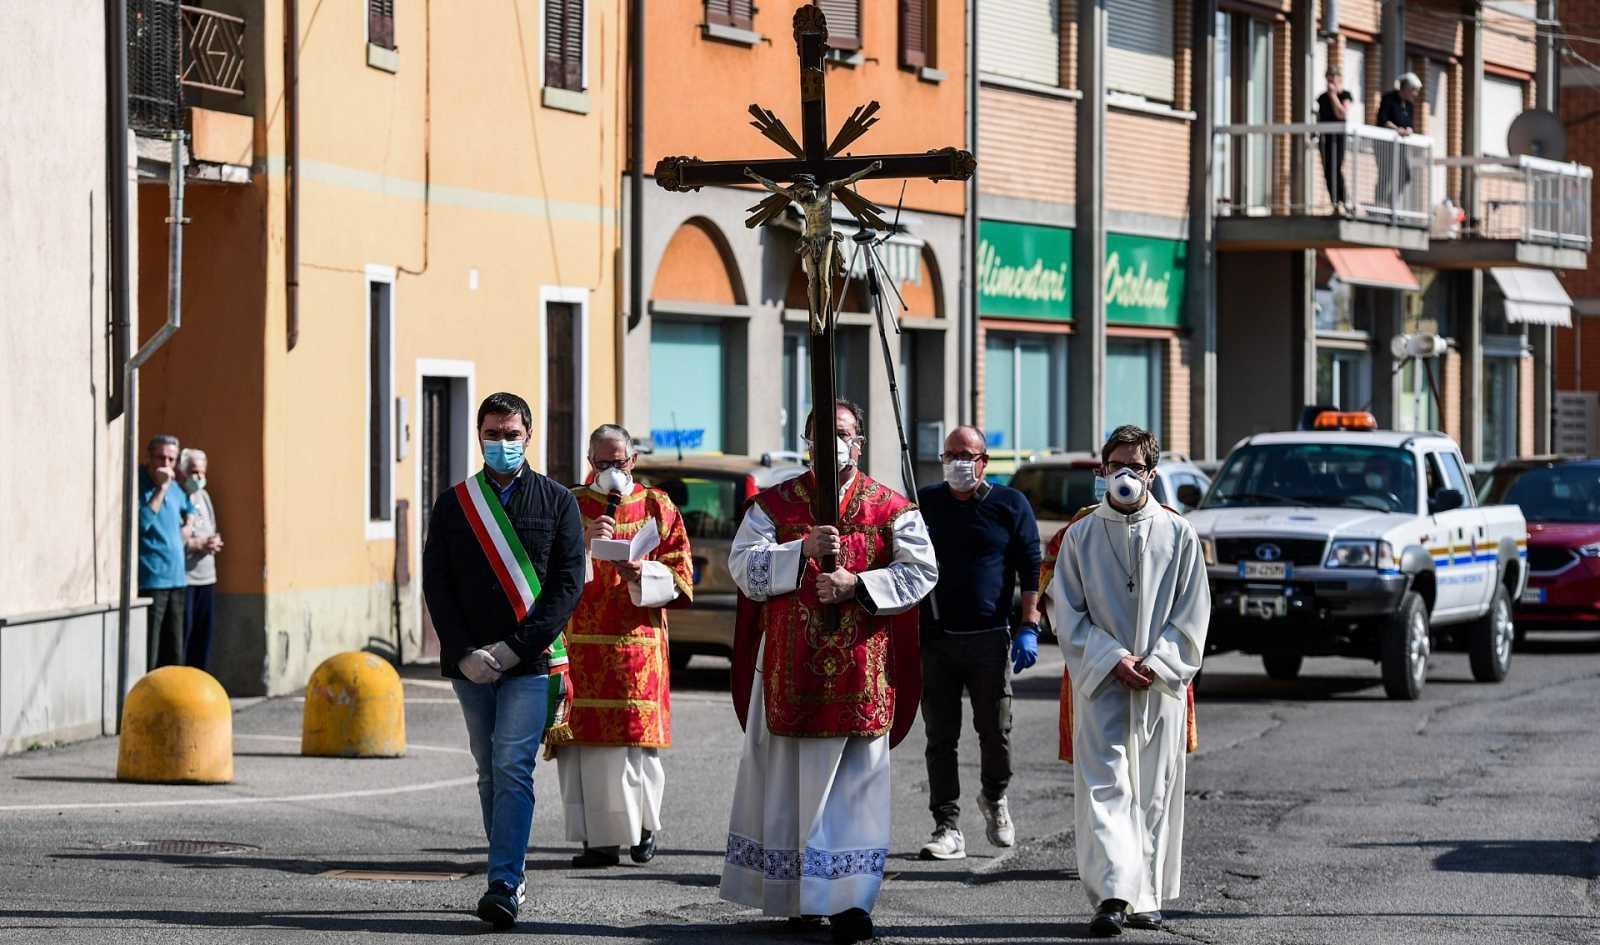 Procesión del Vía Crucis este viernes en Pontoglio (Lombardía)